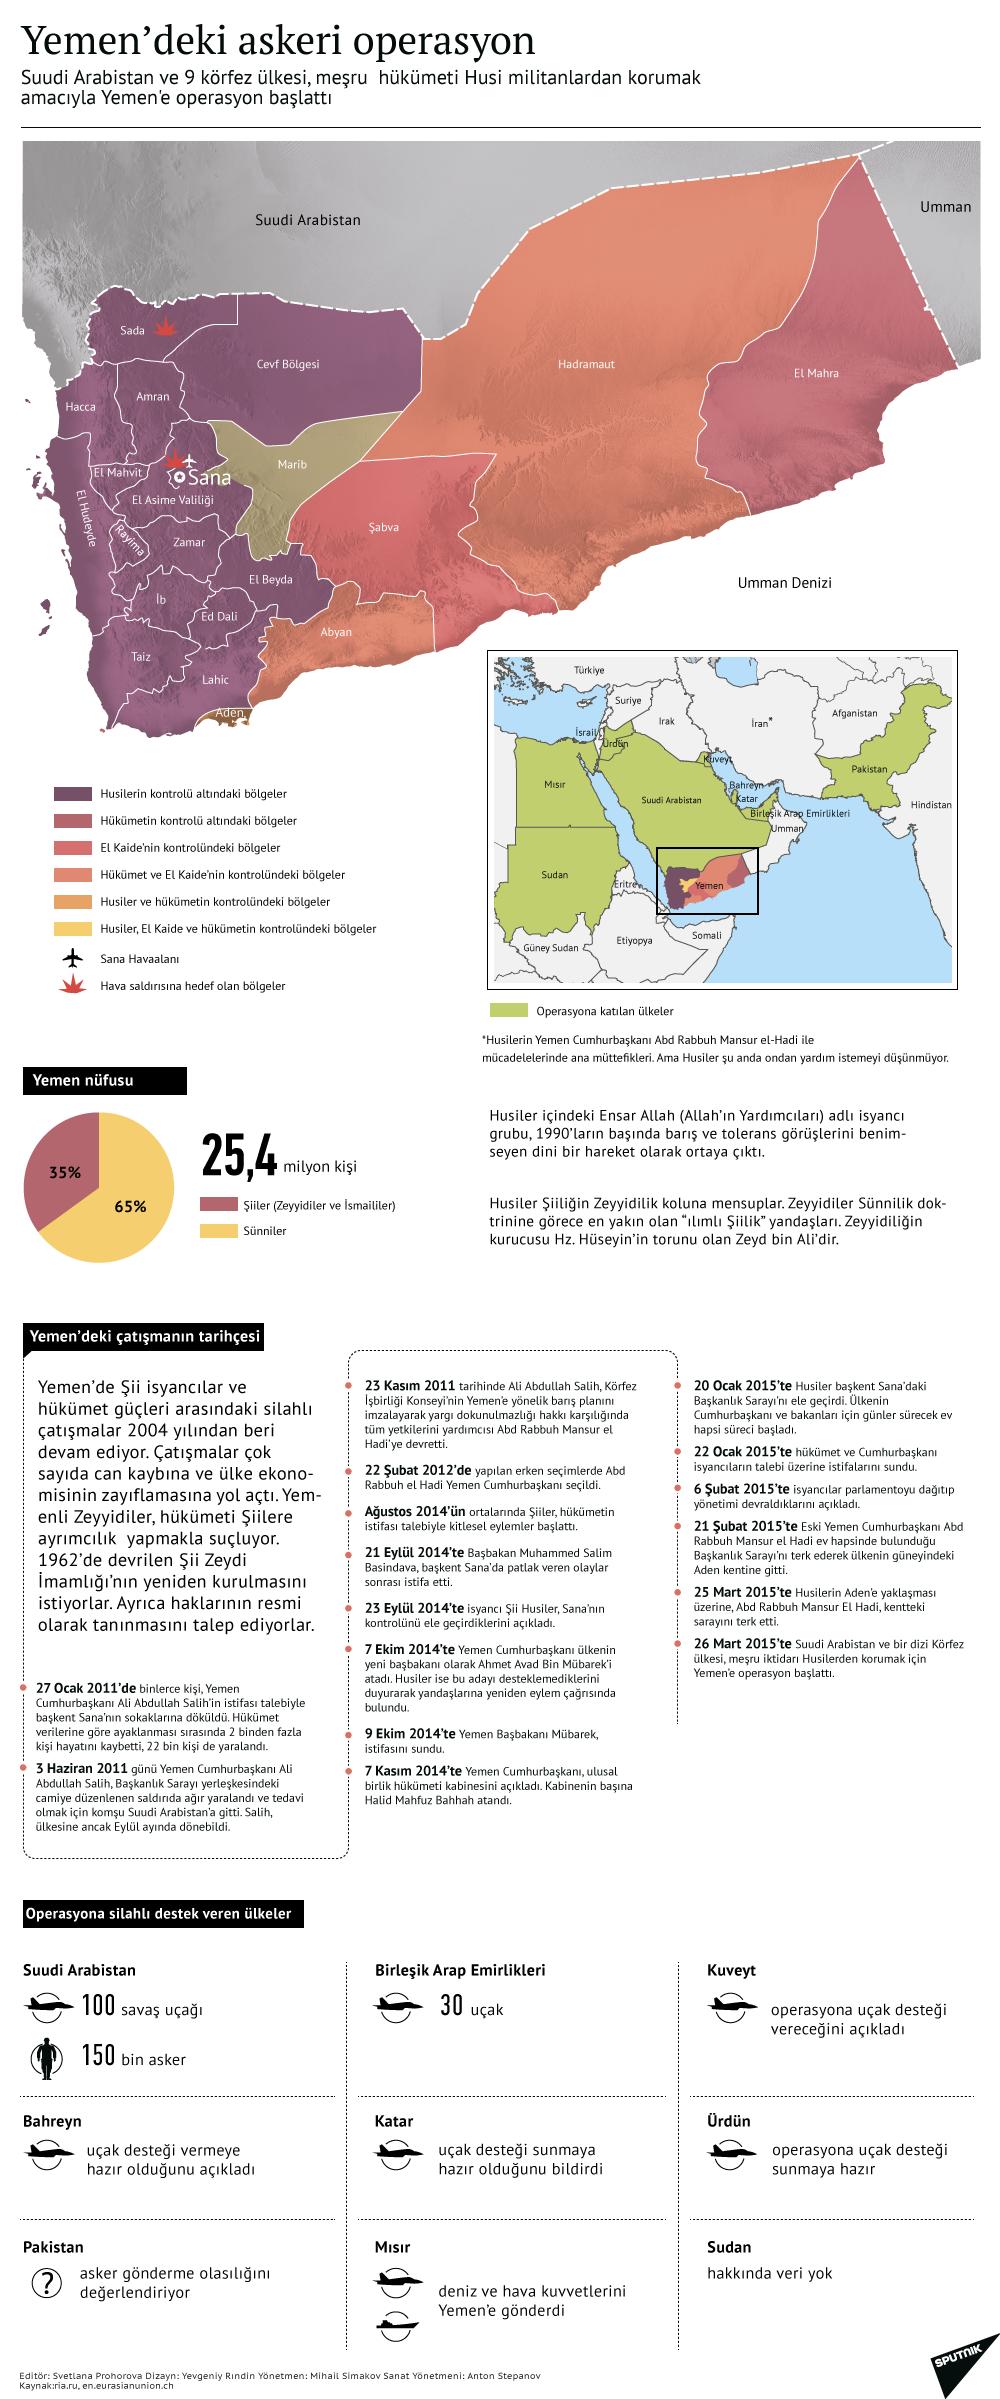 Yemen'deki askeri operasyon